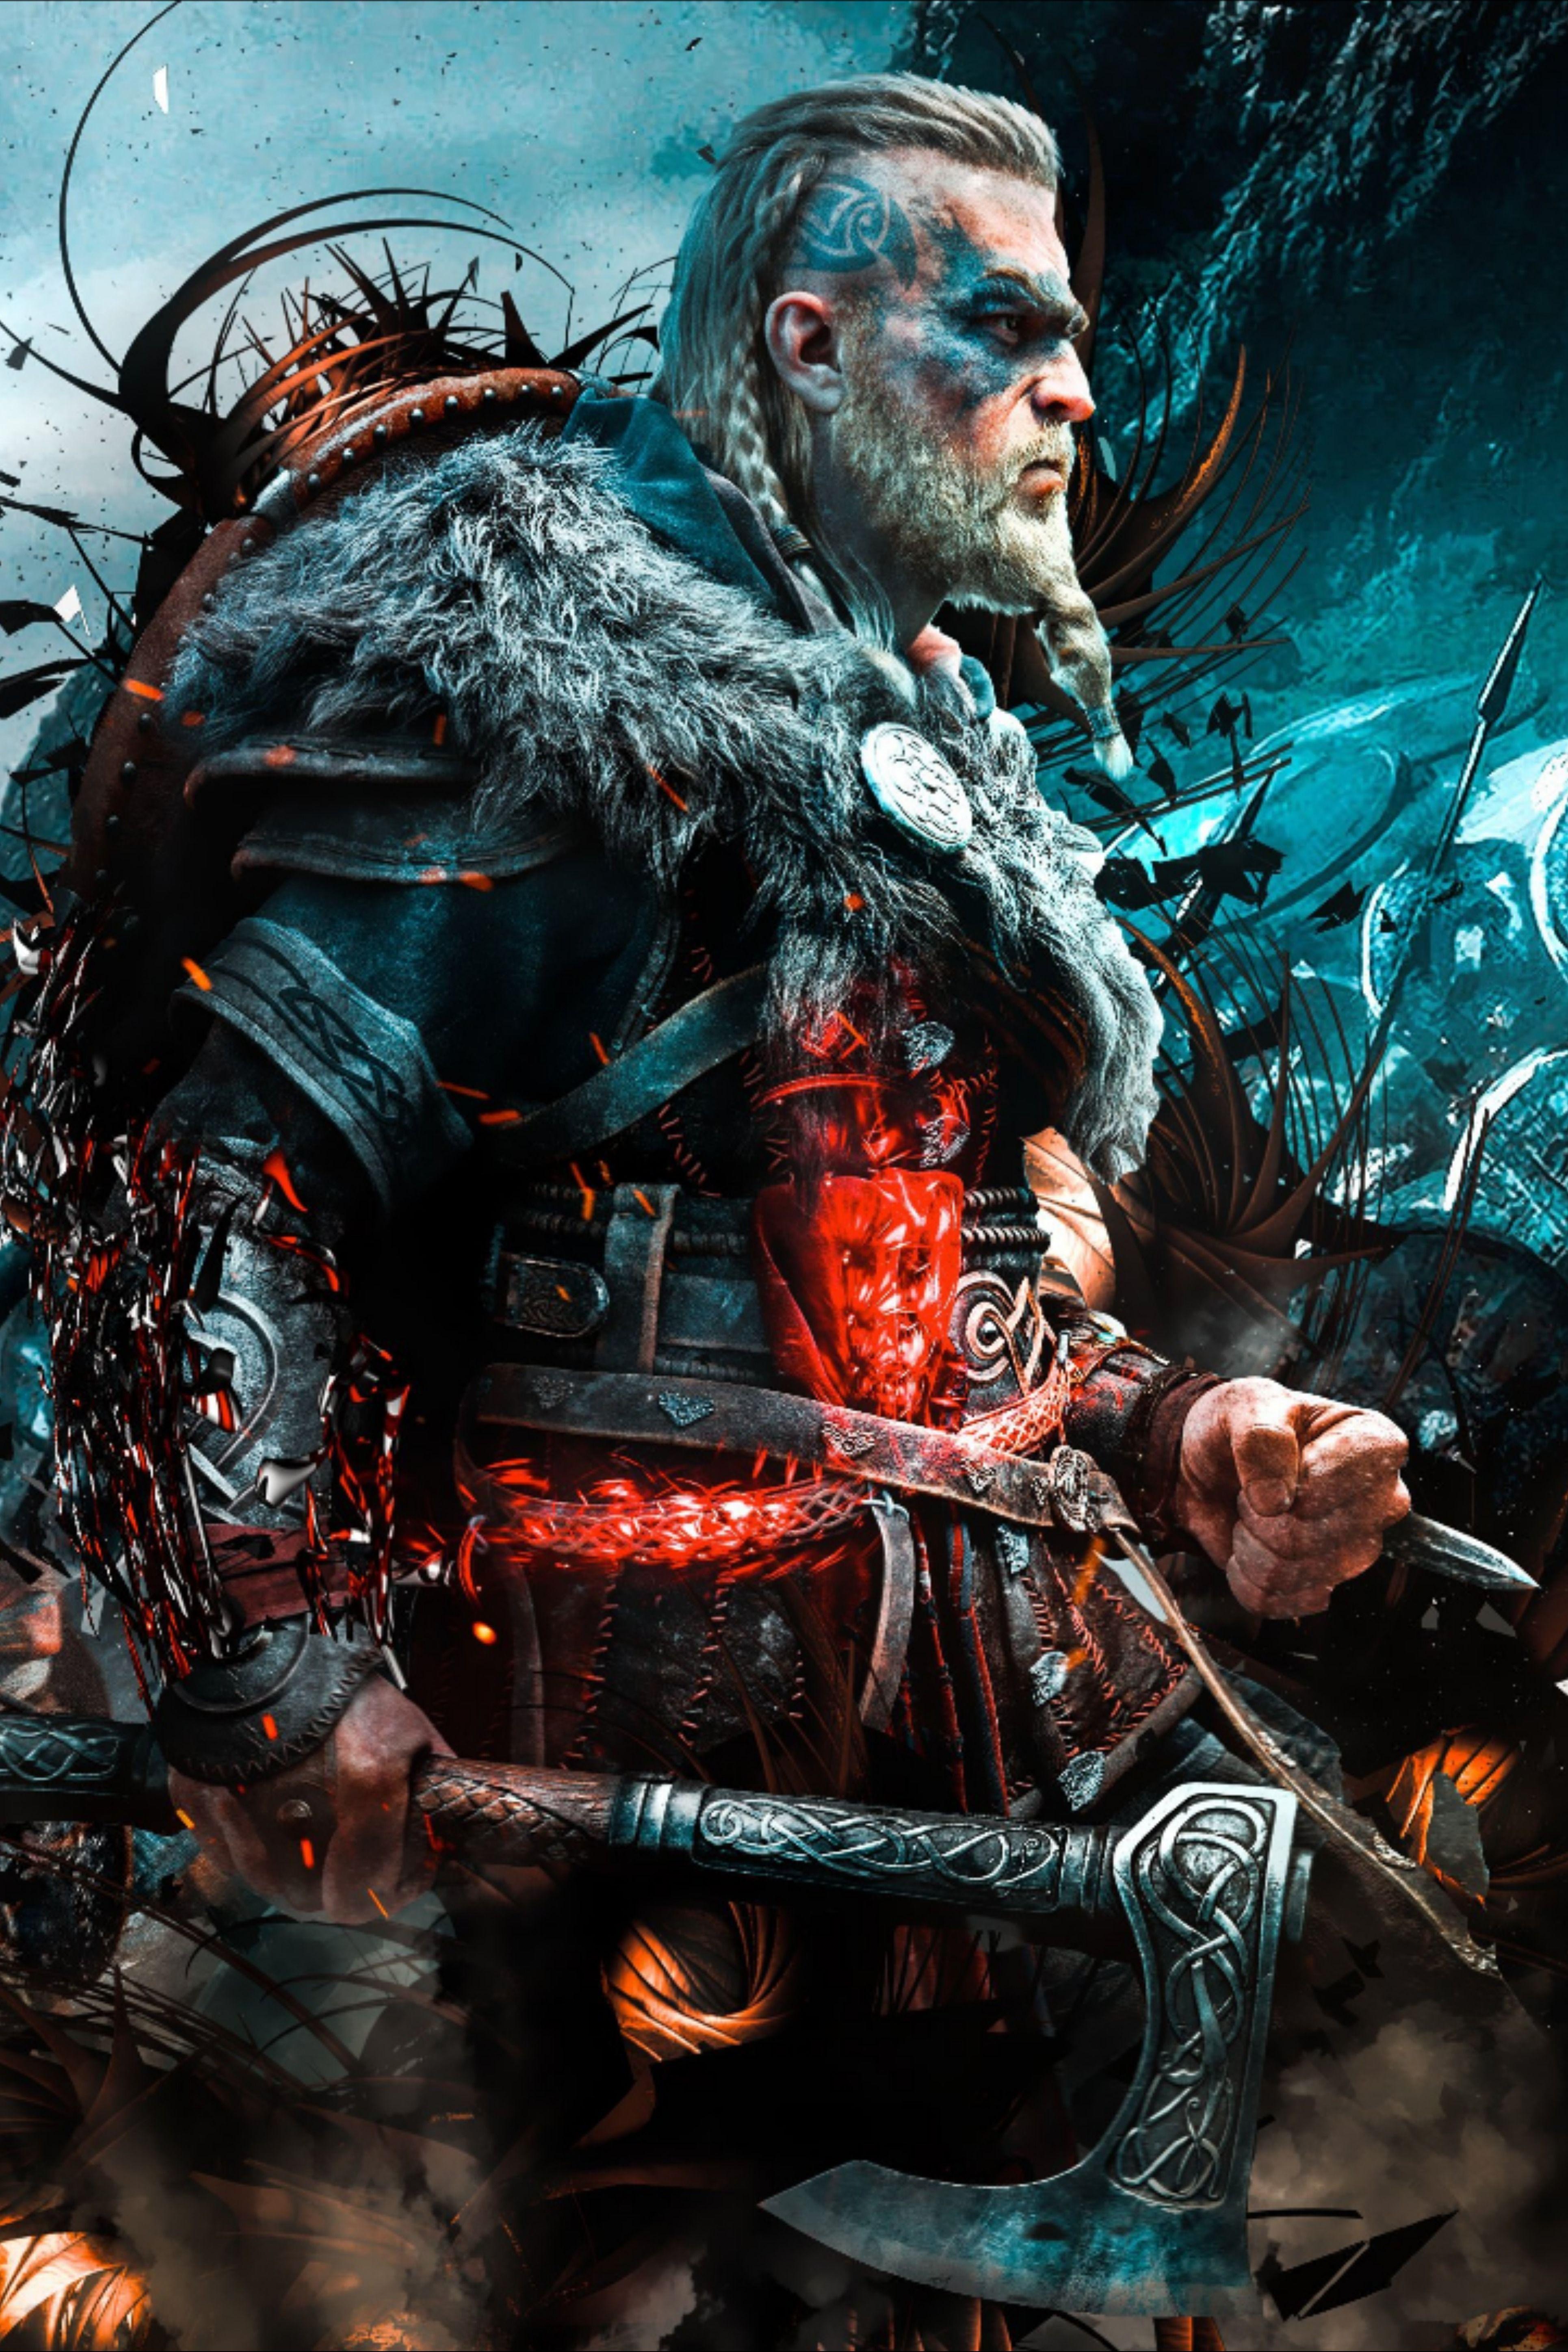 Assassin S Creed Valhalla Valhalla Wallpaper Assassins Creed Assassins Creed Art